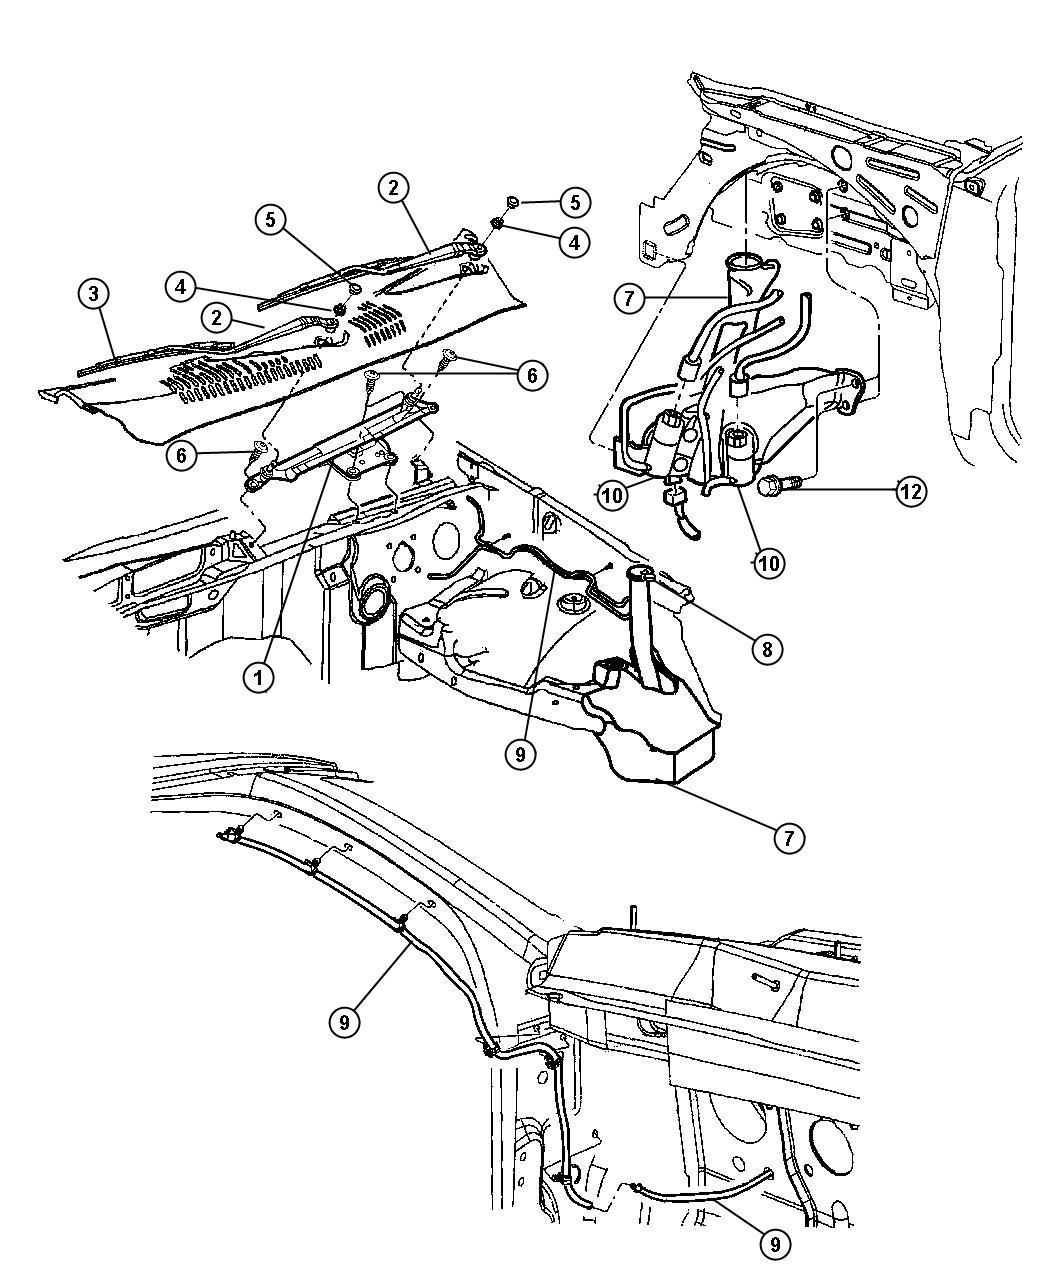 Bing Maps V6 3 To V8 Migration Guide: 2006 Dodge Grand Caravan Pump. Windshield Washer. Dual